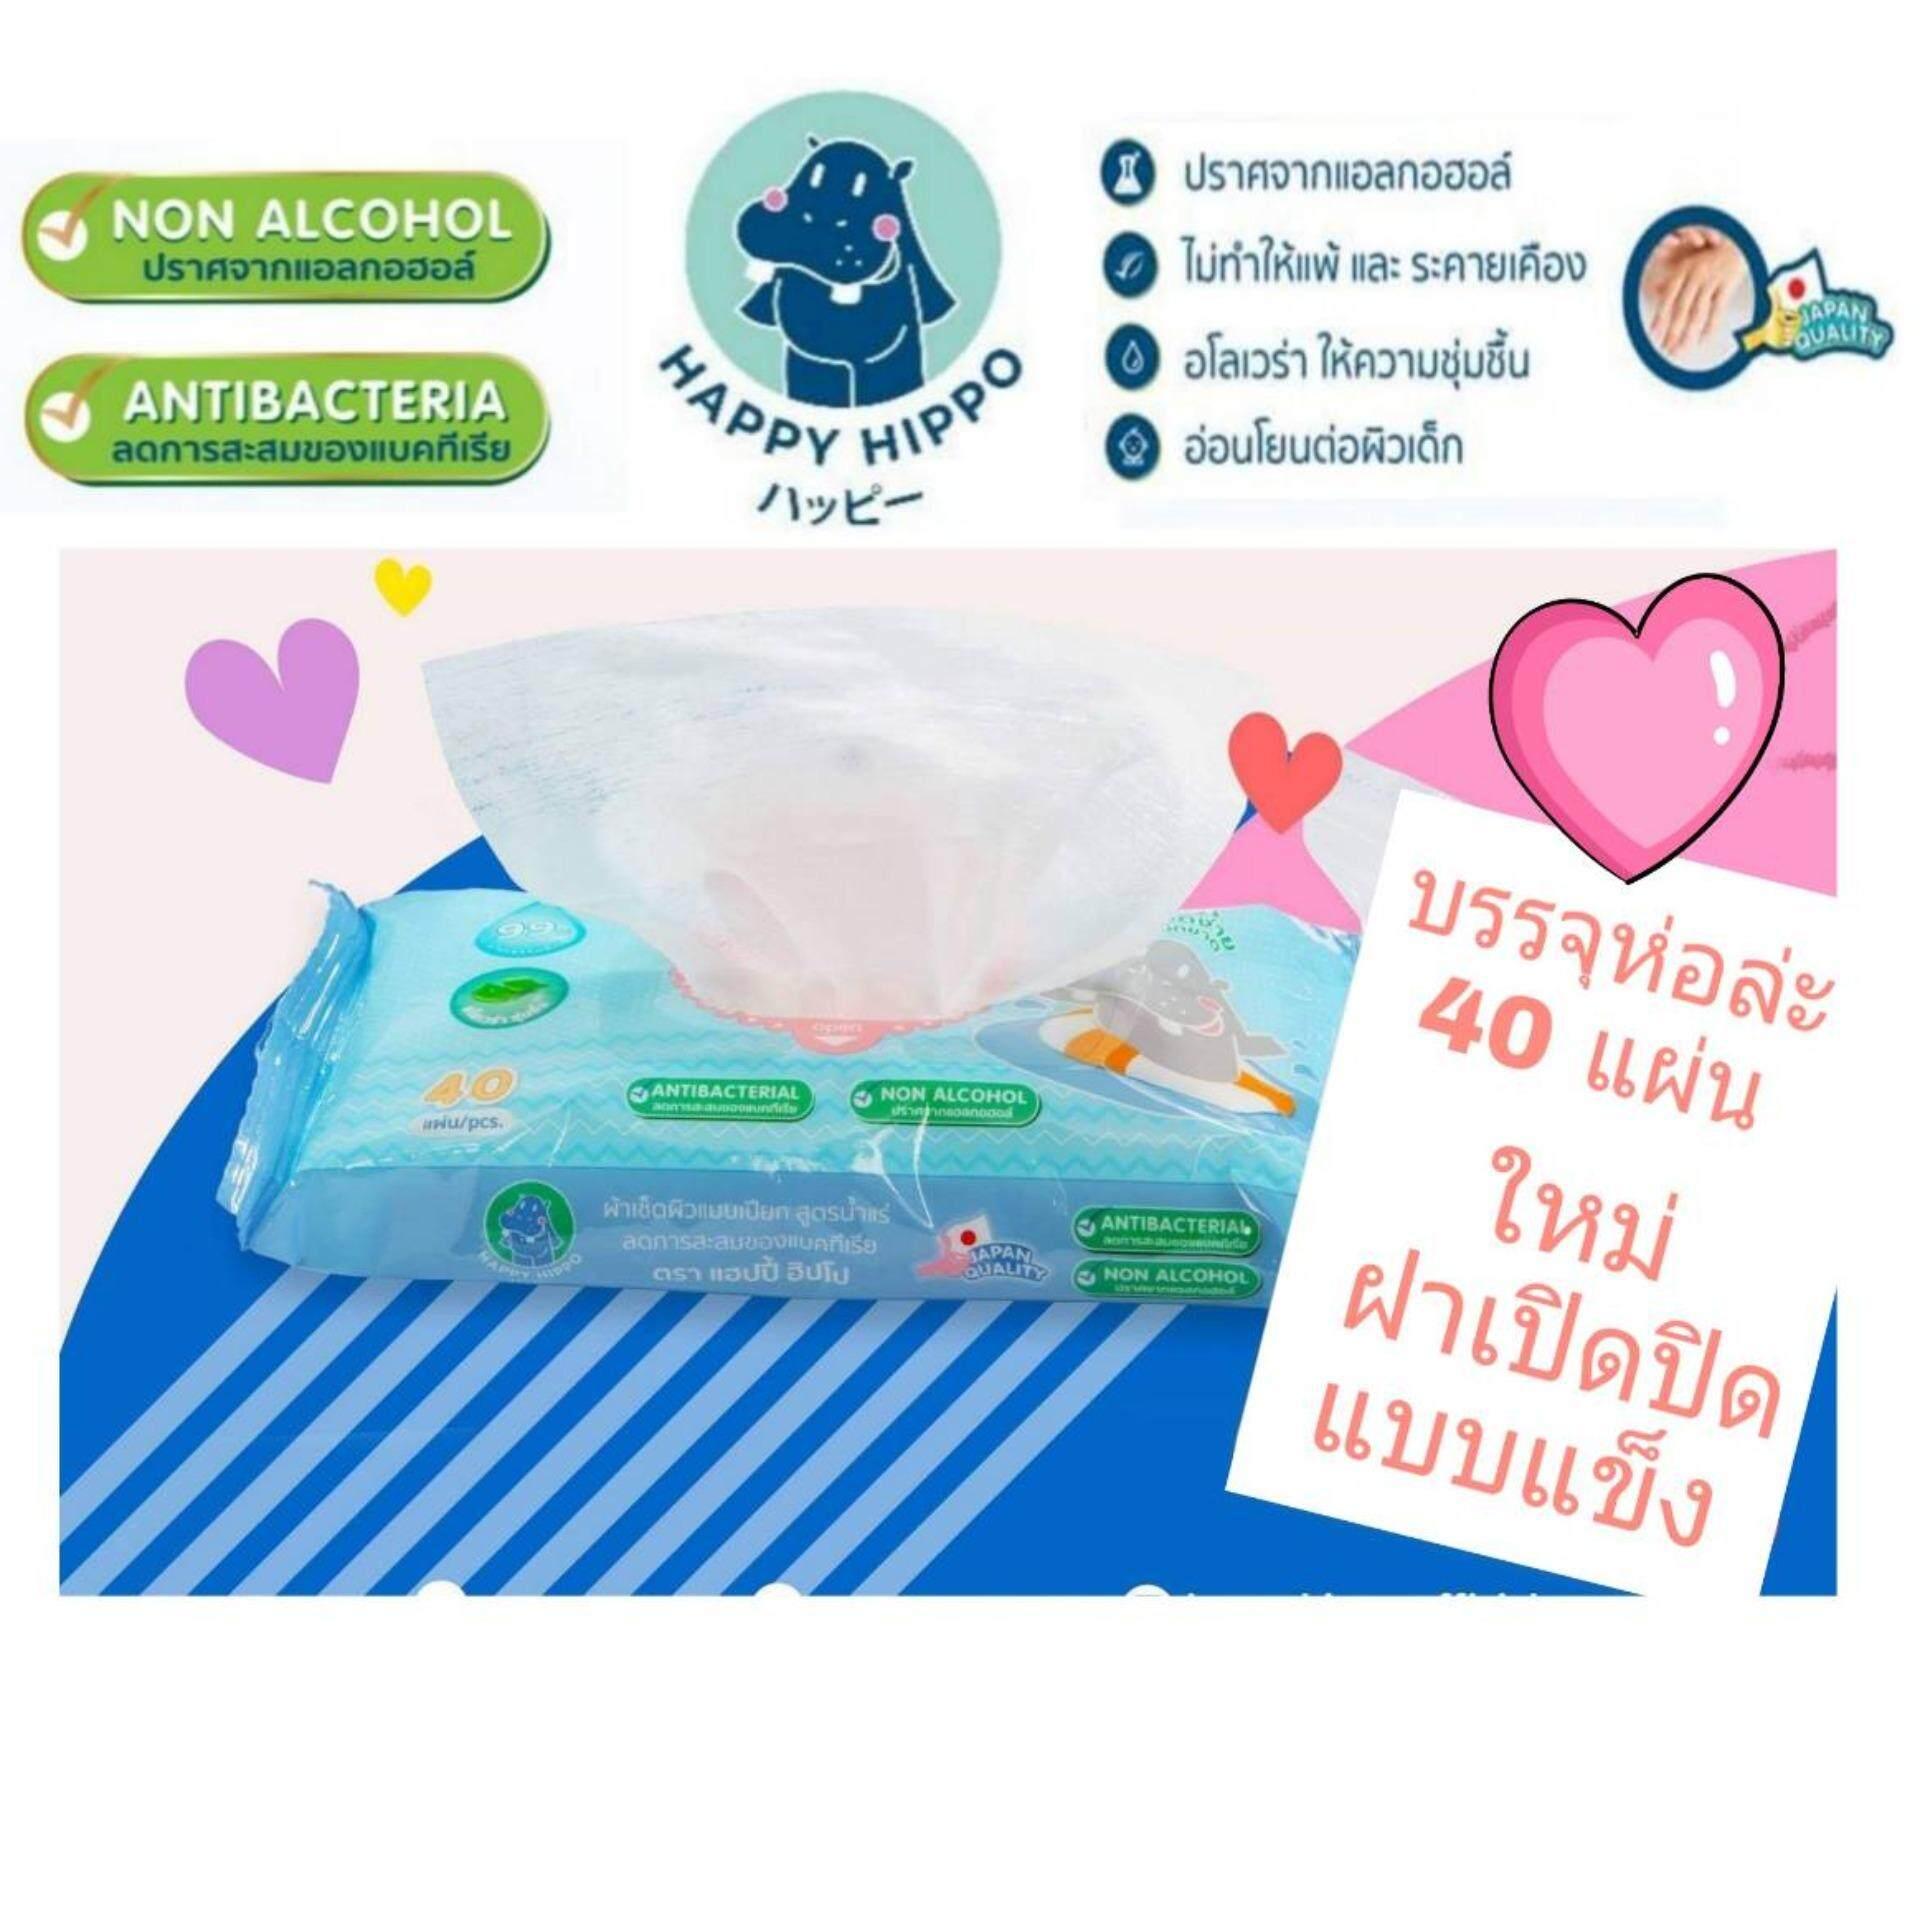 ขายดีมาก! [24 ห่อ 960 แผ่น] ทิชชู่เปียก HAPPY HTPPO สูตรน้ำแร่